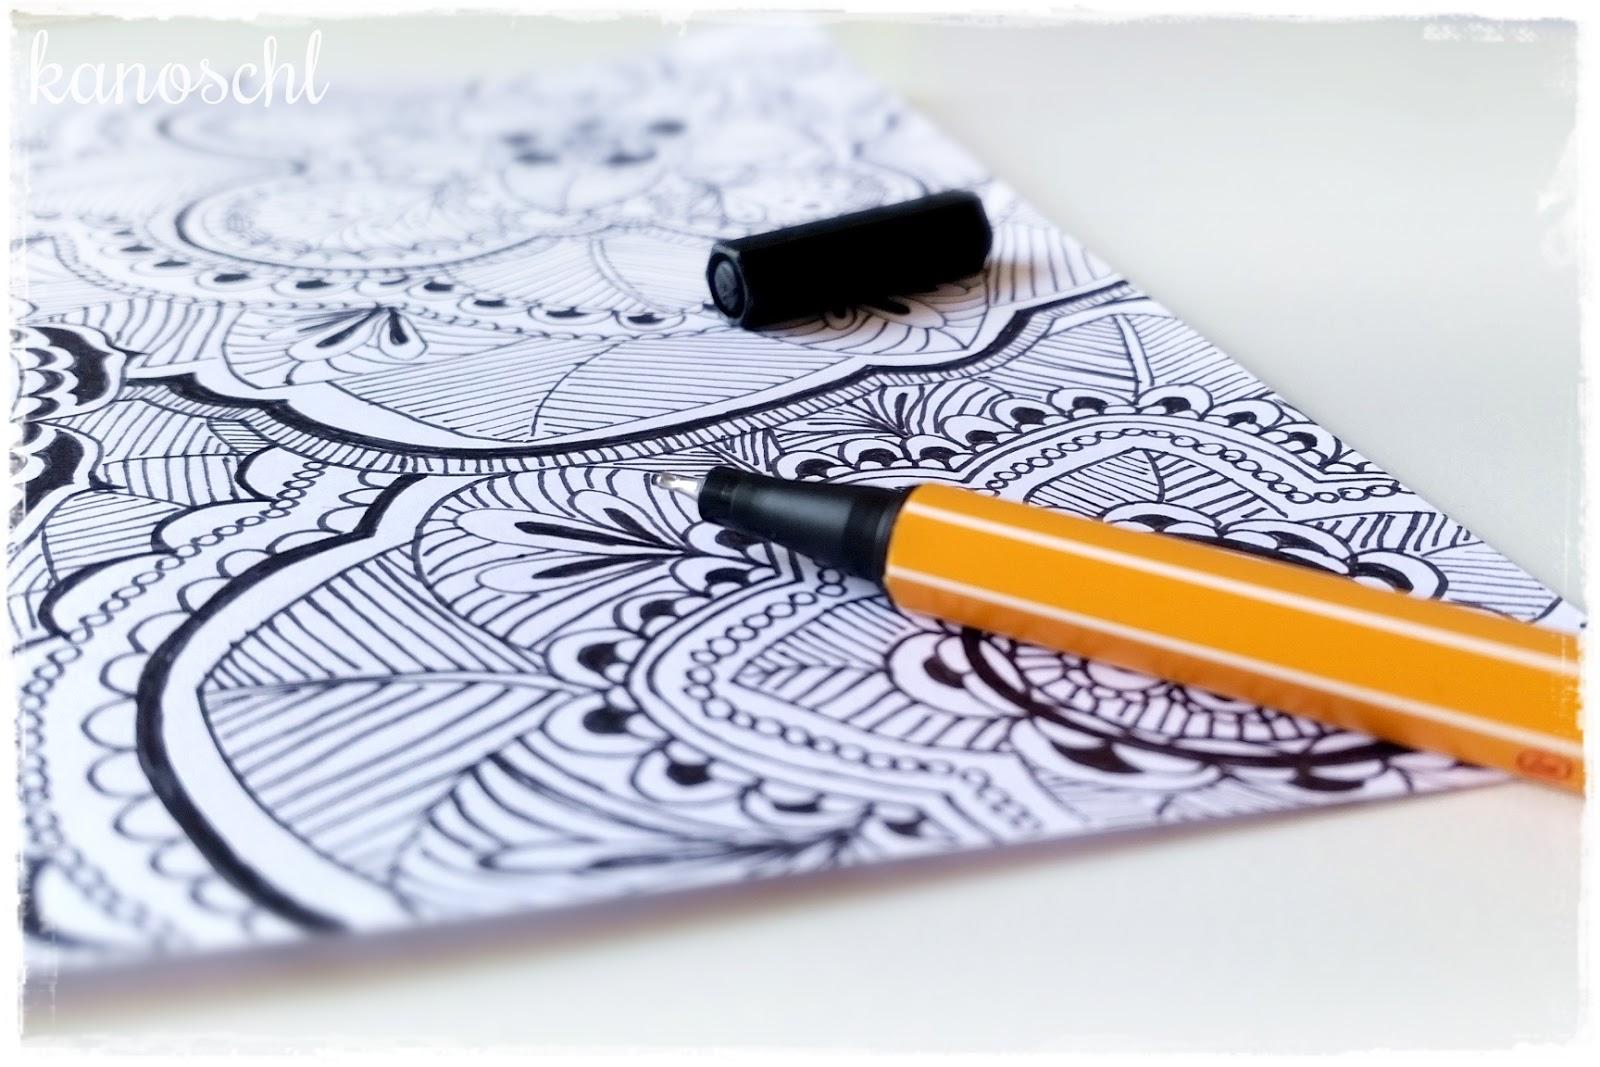 zeichnen unterricht grundriss zeichnen unterricht speyeder net grundriss zeichnen unterricht. Black Bedroom Furniture Sets. Home Design Ideas